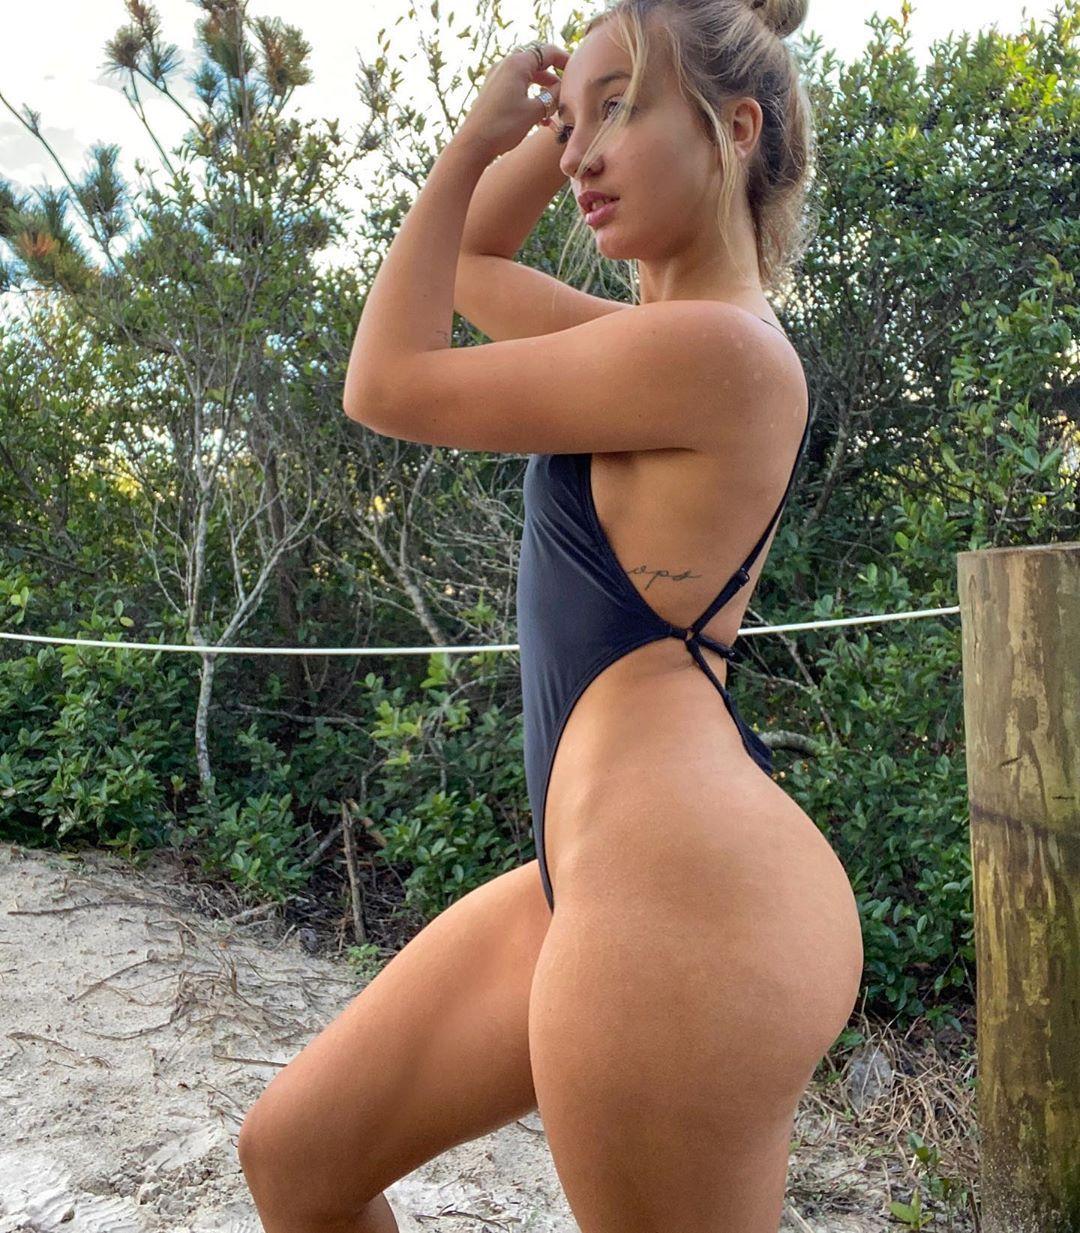 Jenni Niemaann Sexy & Topless 0020